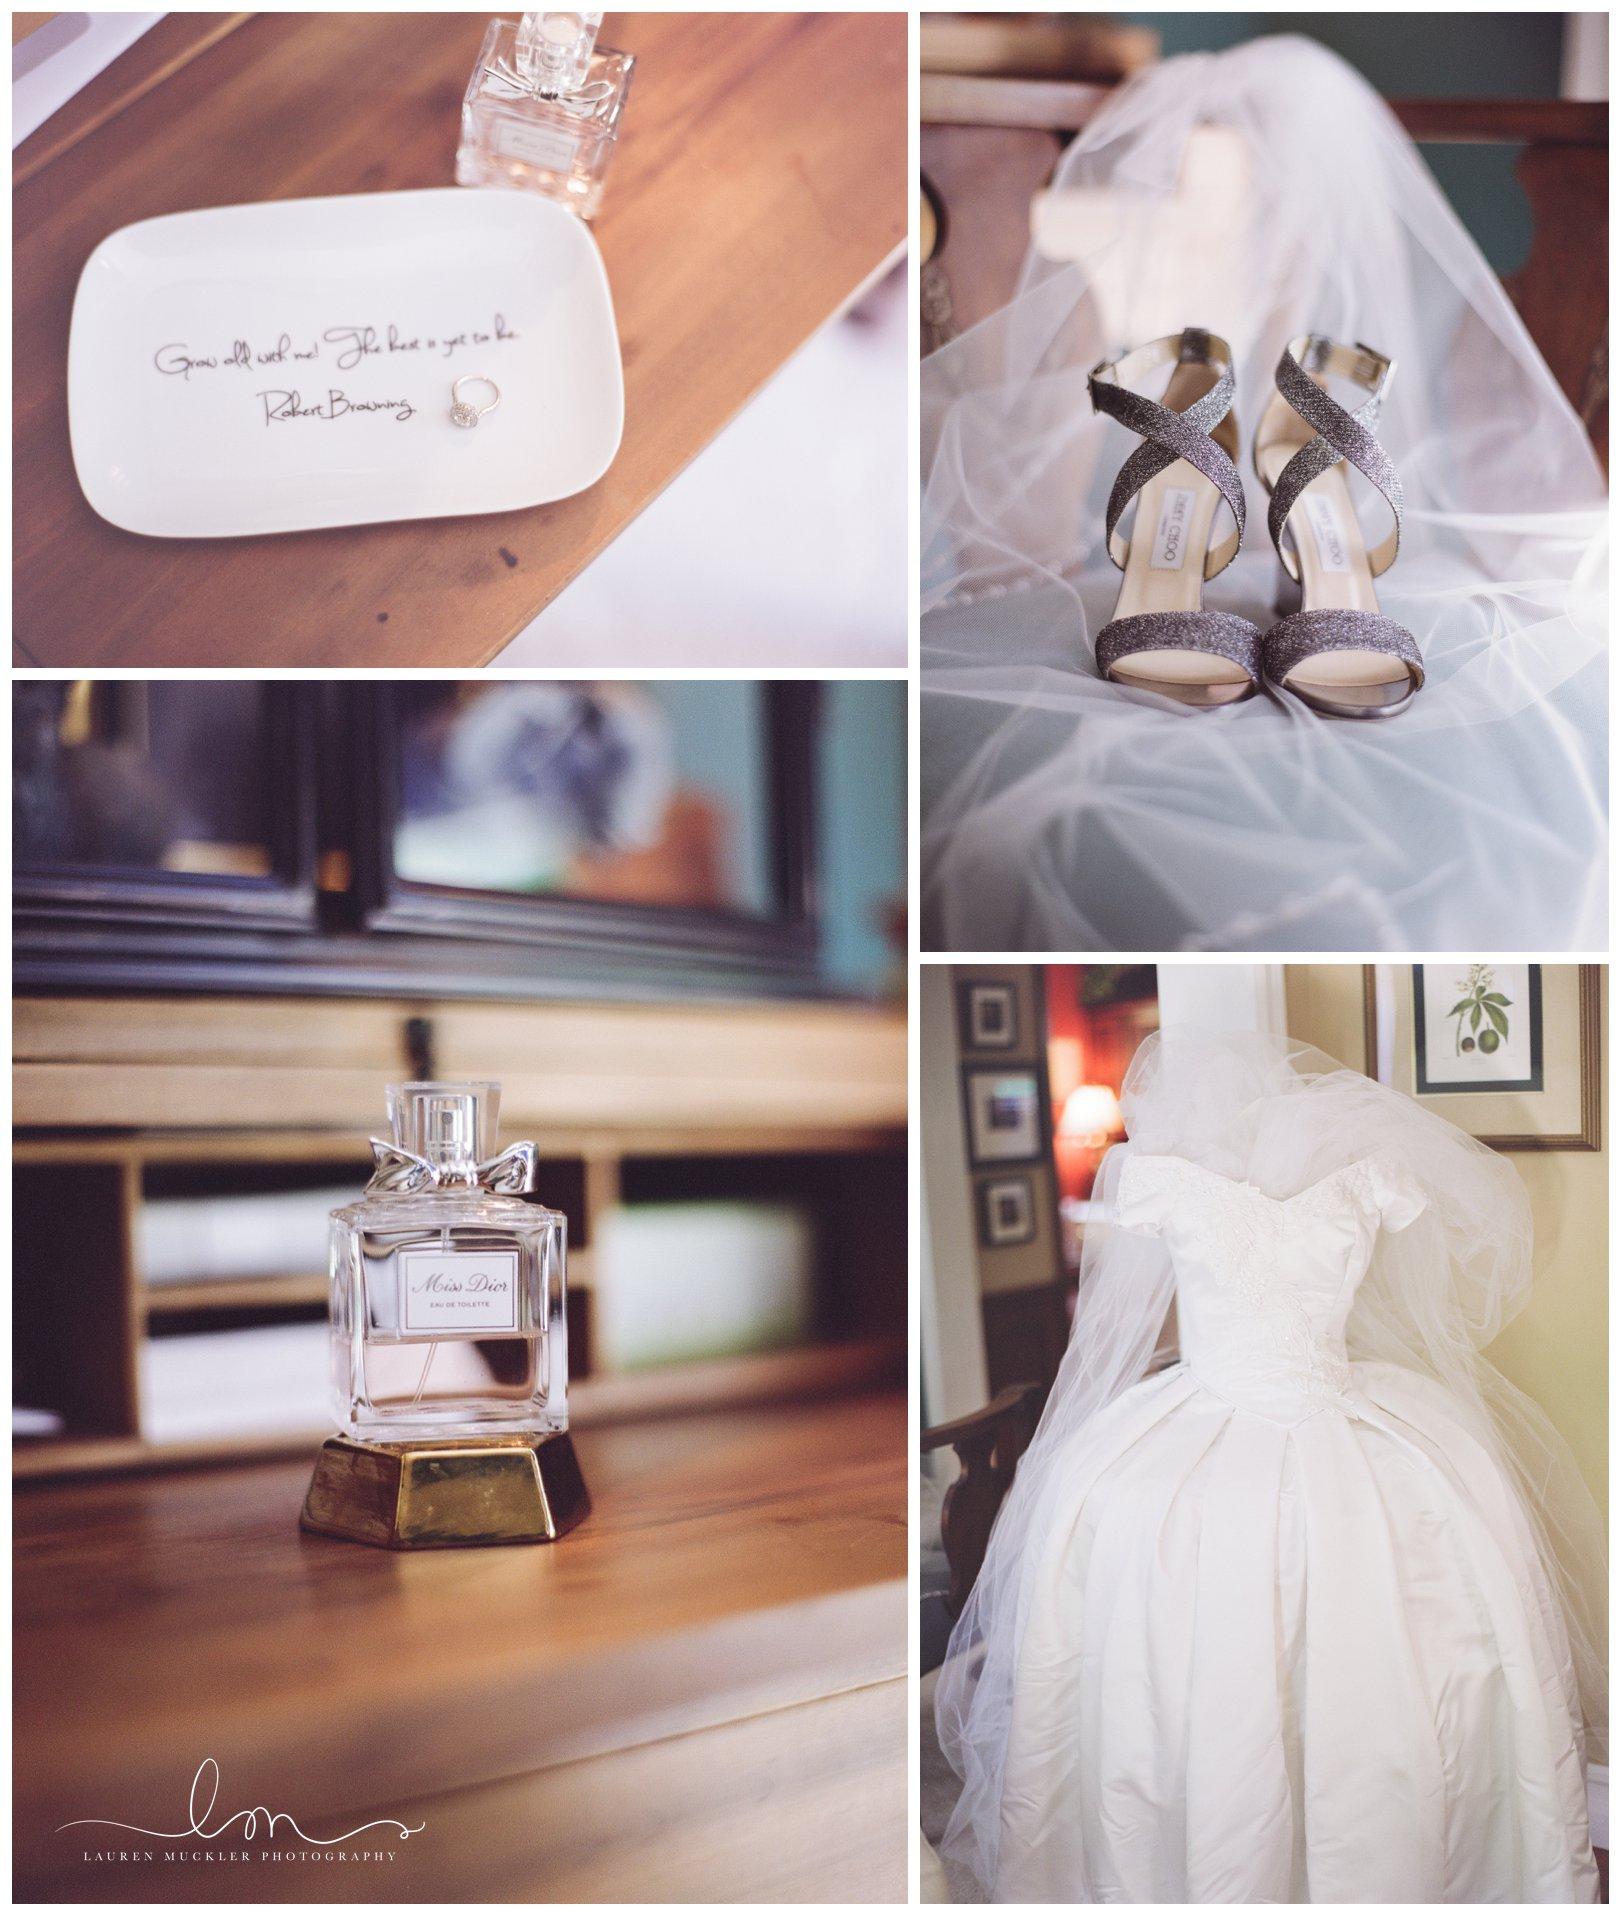 lauren muckler photography_fine art film wedding photography_st louis_photography_0206.jpg